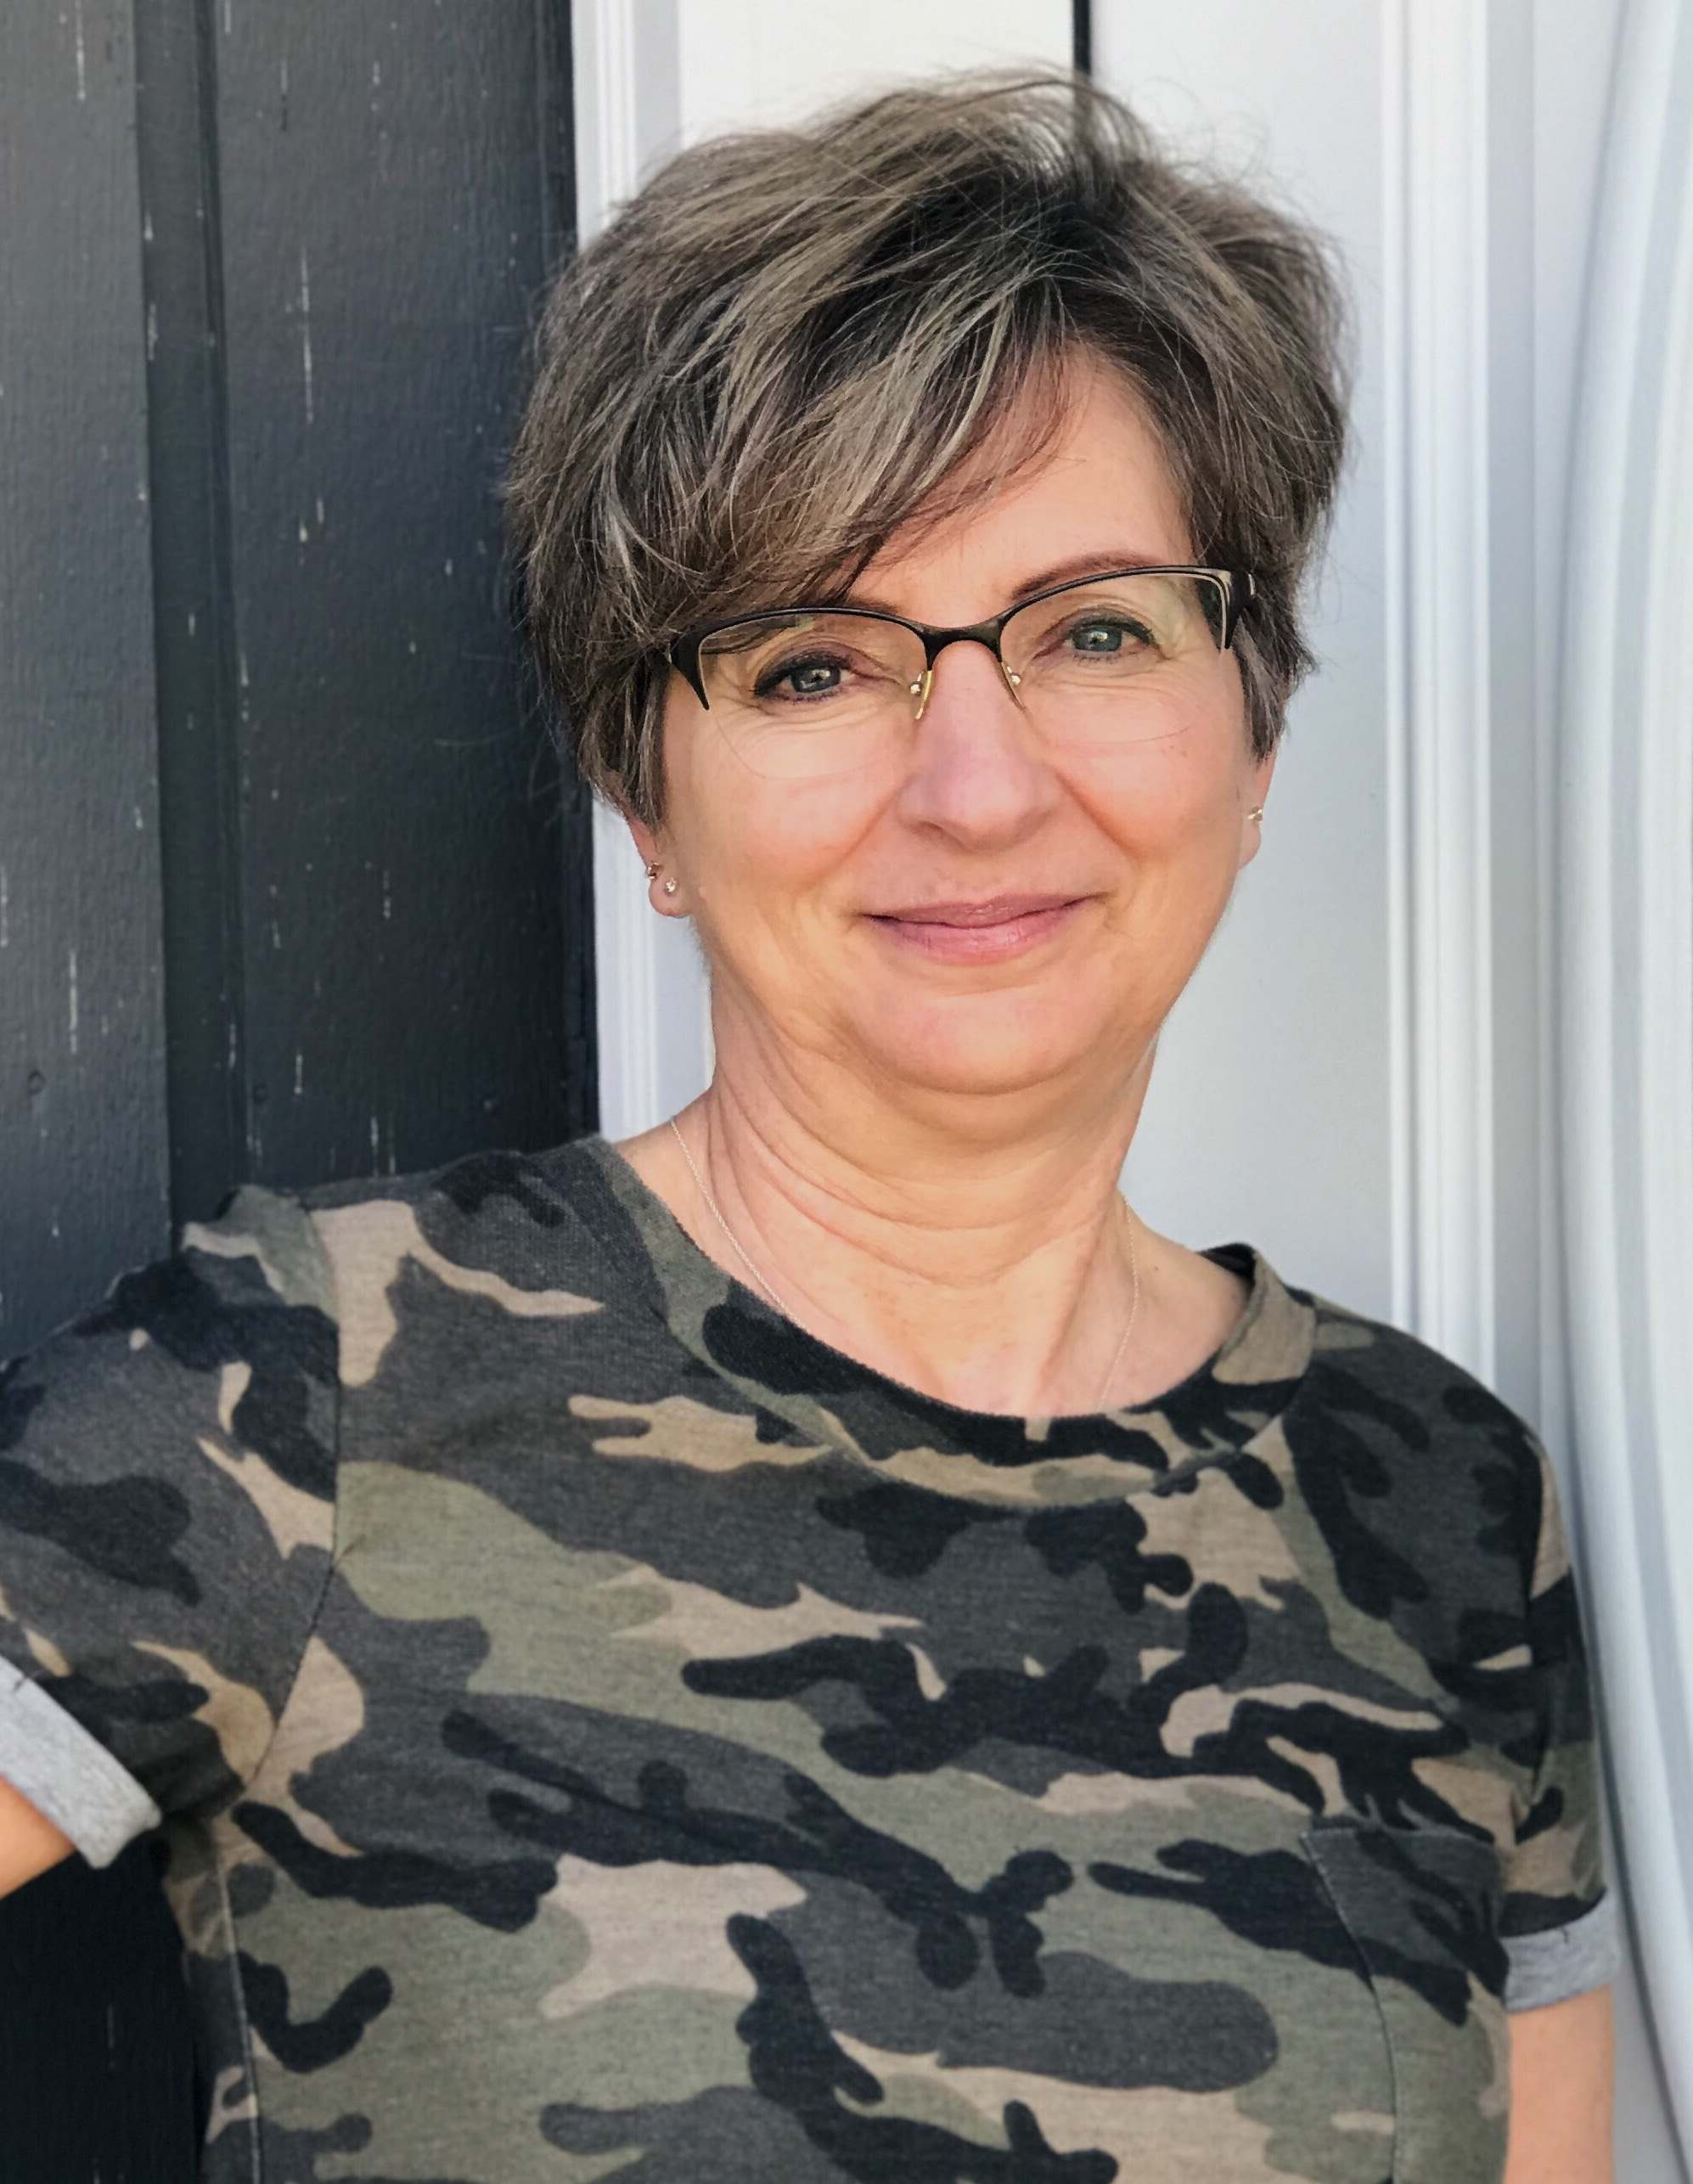 Michelle Critch